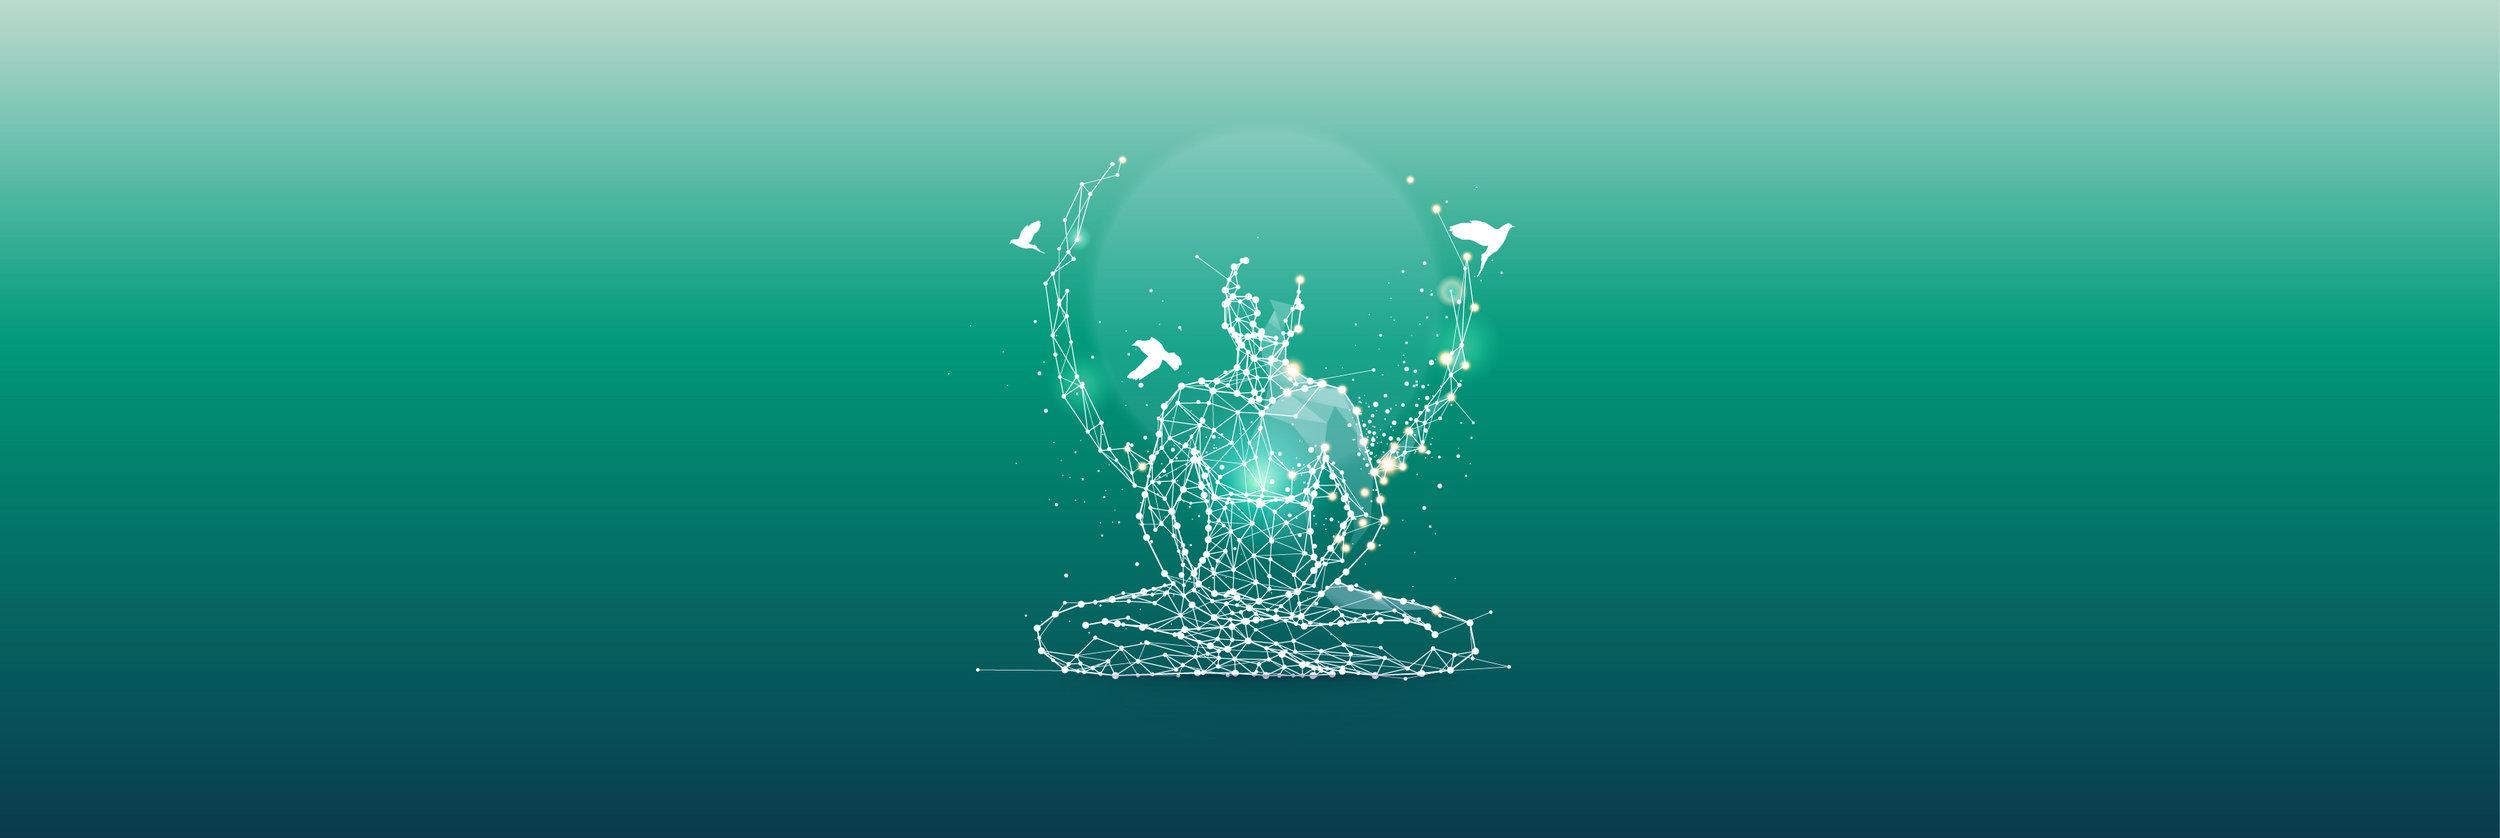 Meditation banner_green_mid.jpg